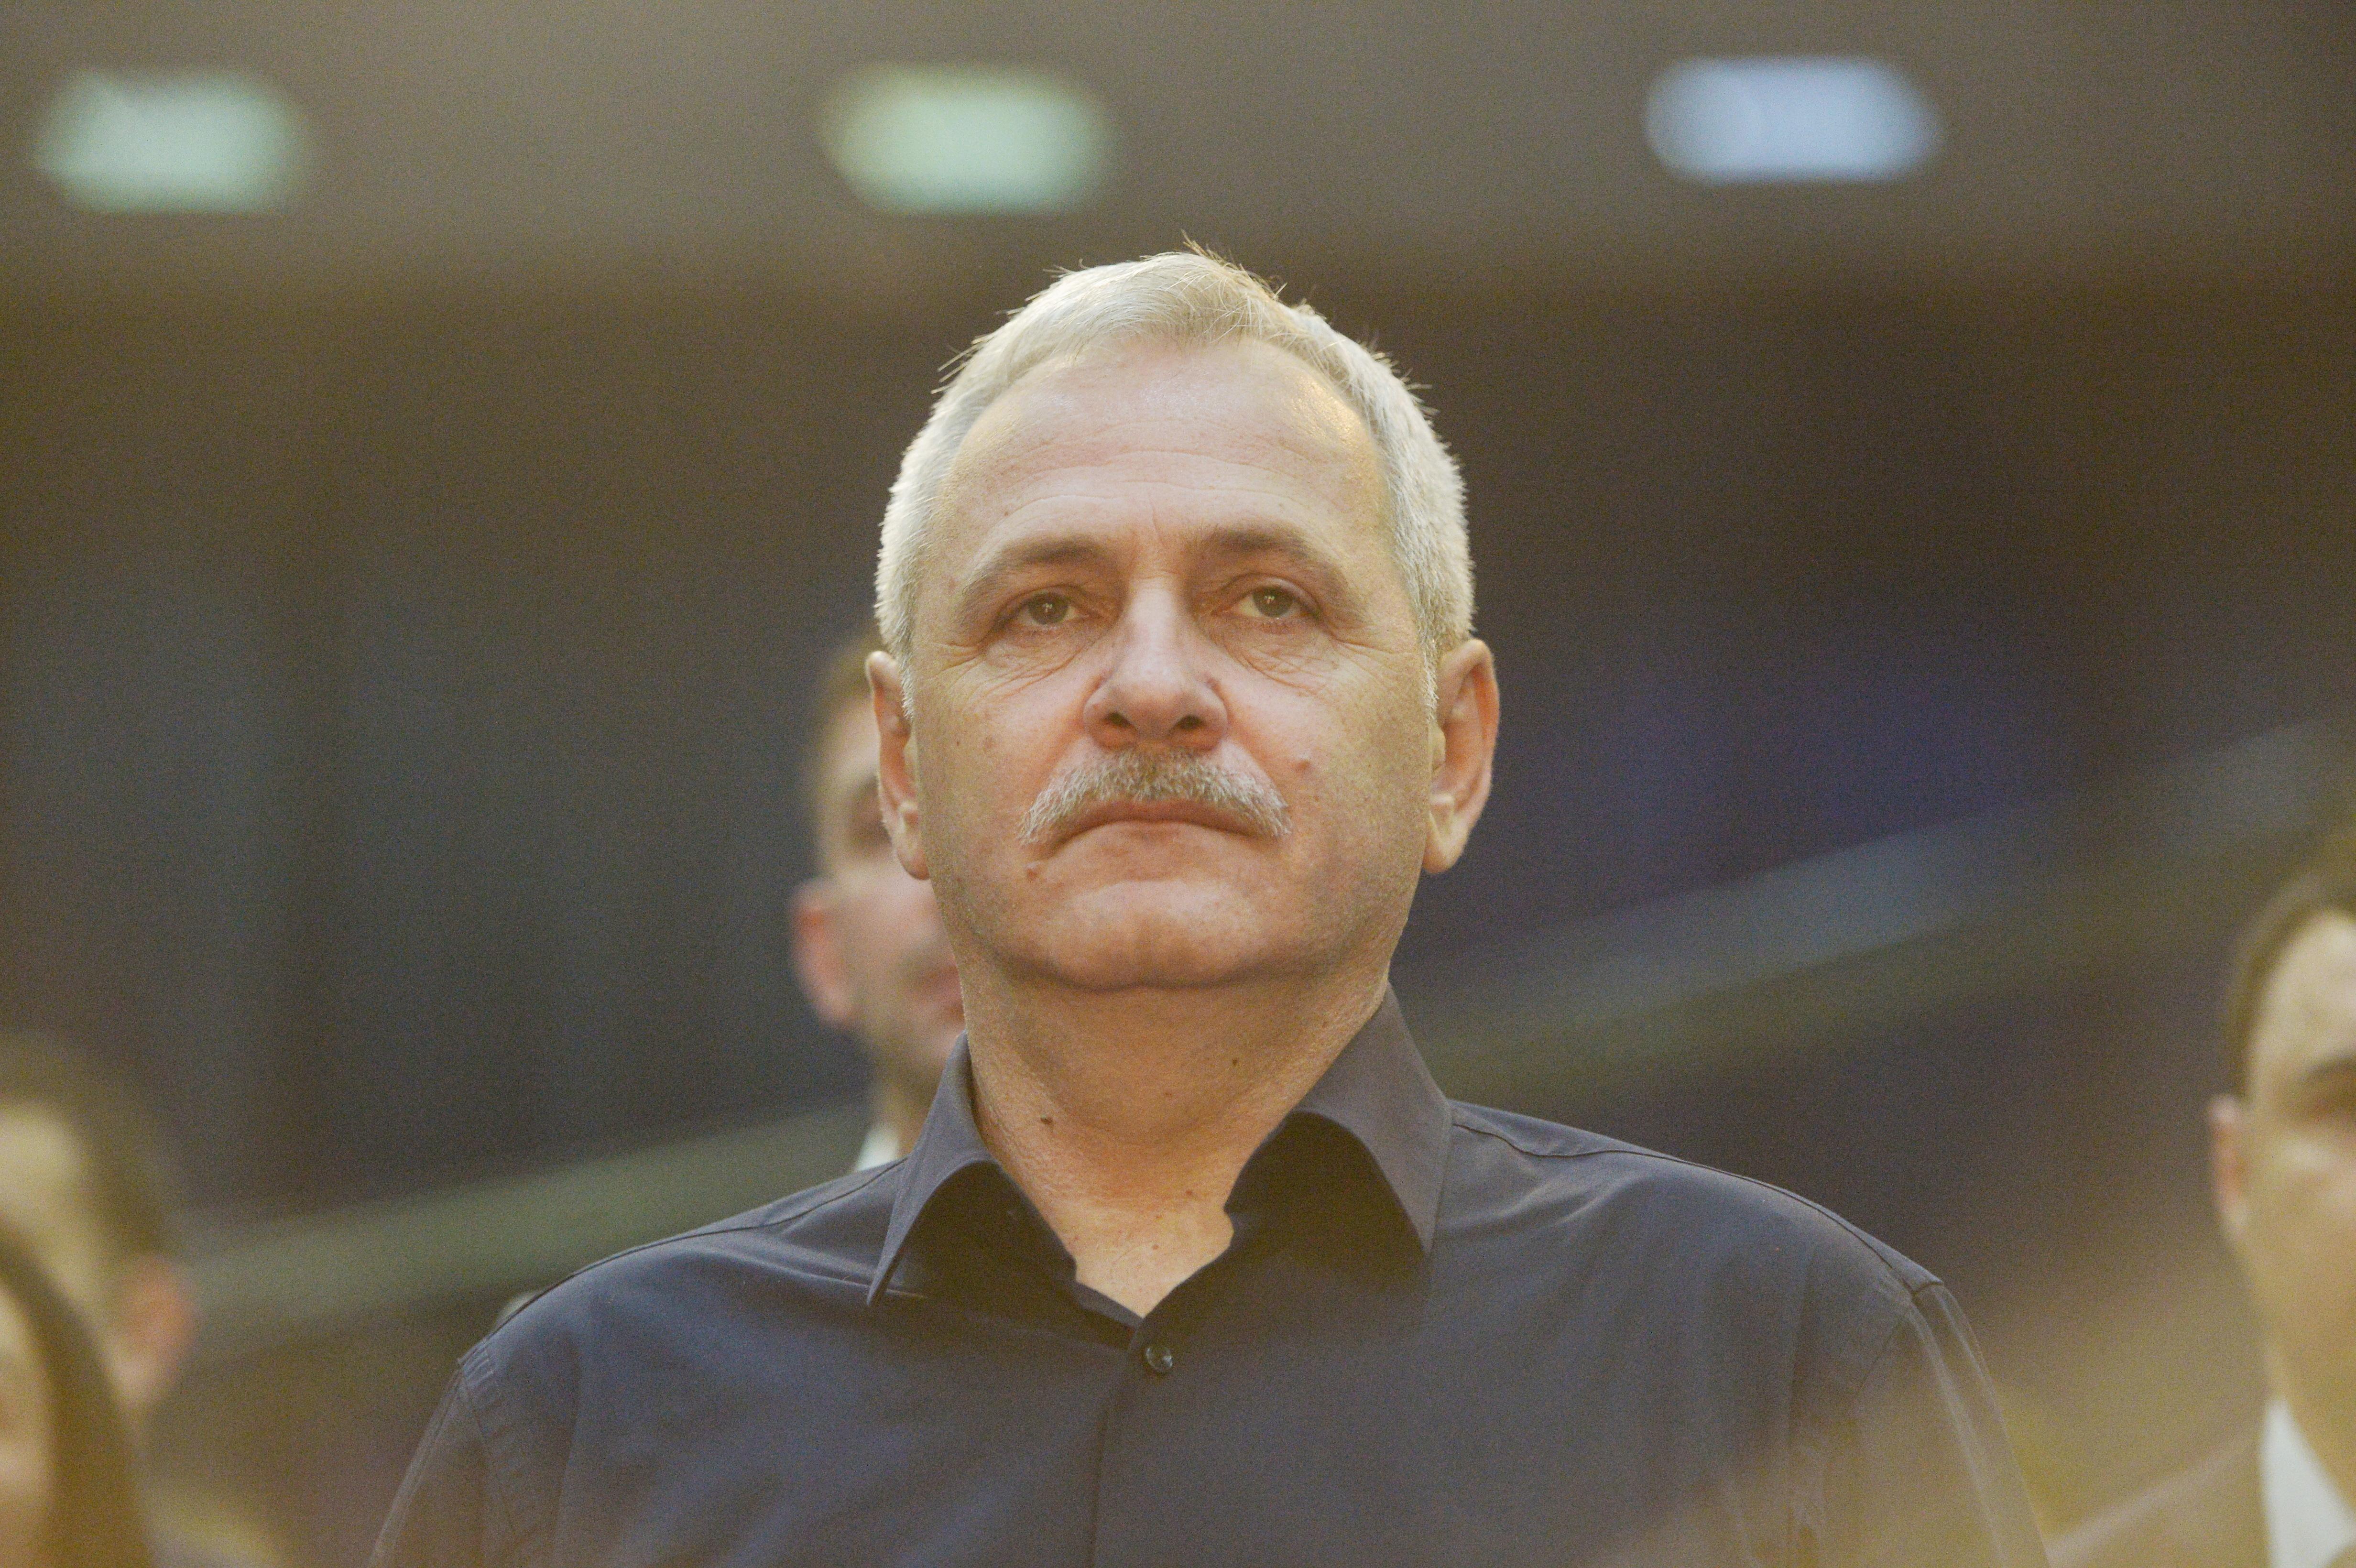 Liviu Dragnea a ajuns la DNA, pentru a fi audiat, în aplauzele colegilor şi ale susţinătorilor / Marian Fişcuci, fost administrator Tel Drum, audiat şi el